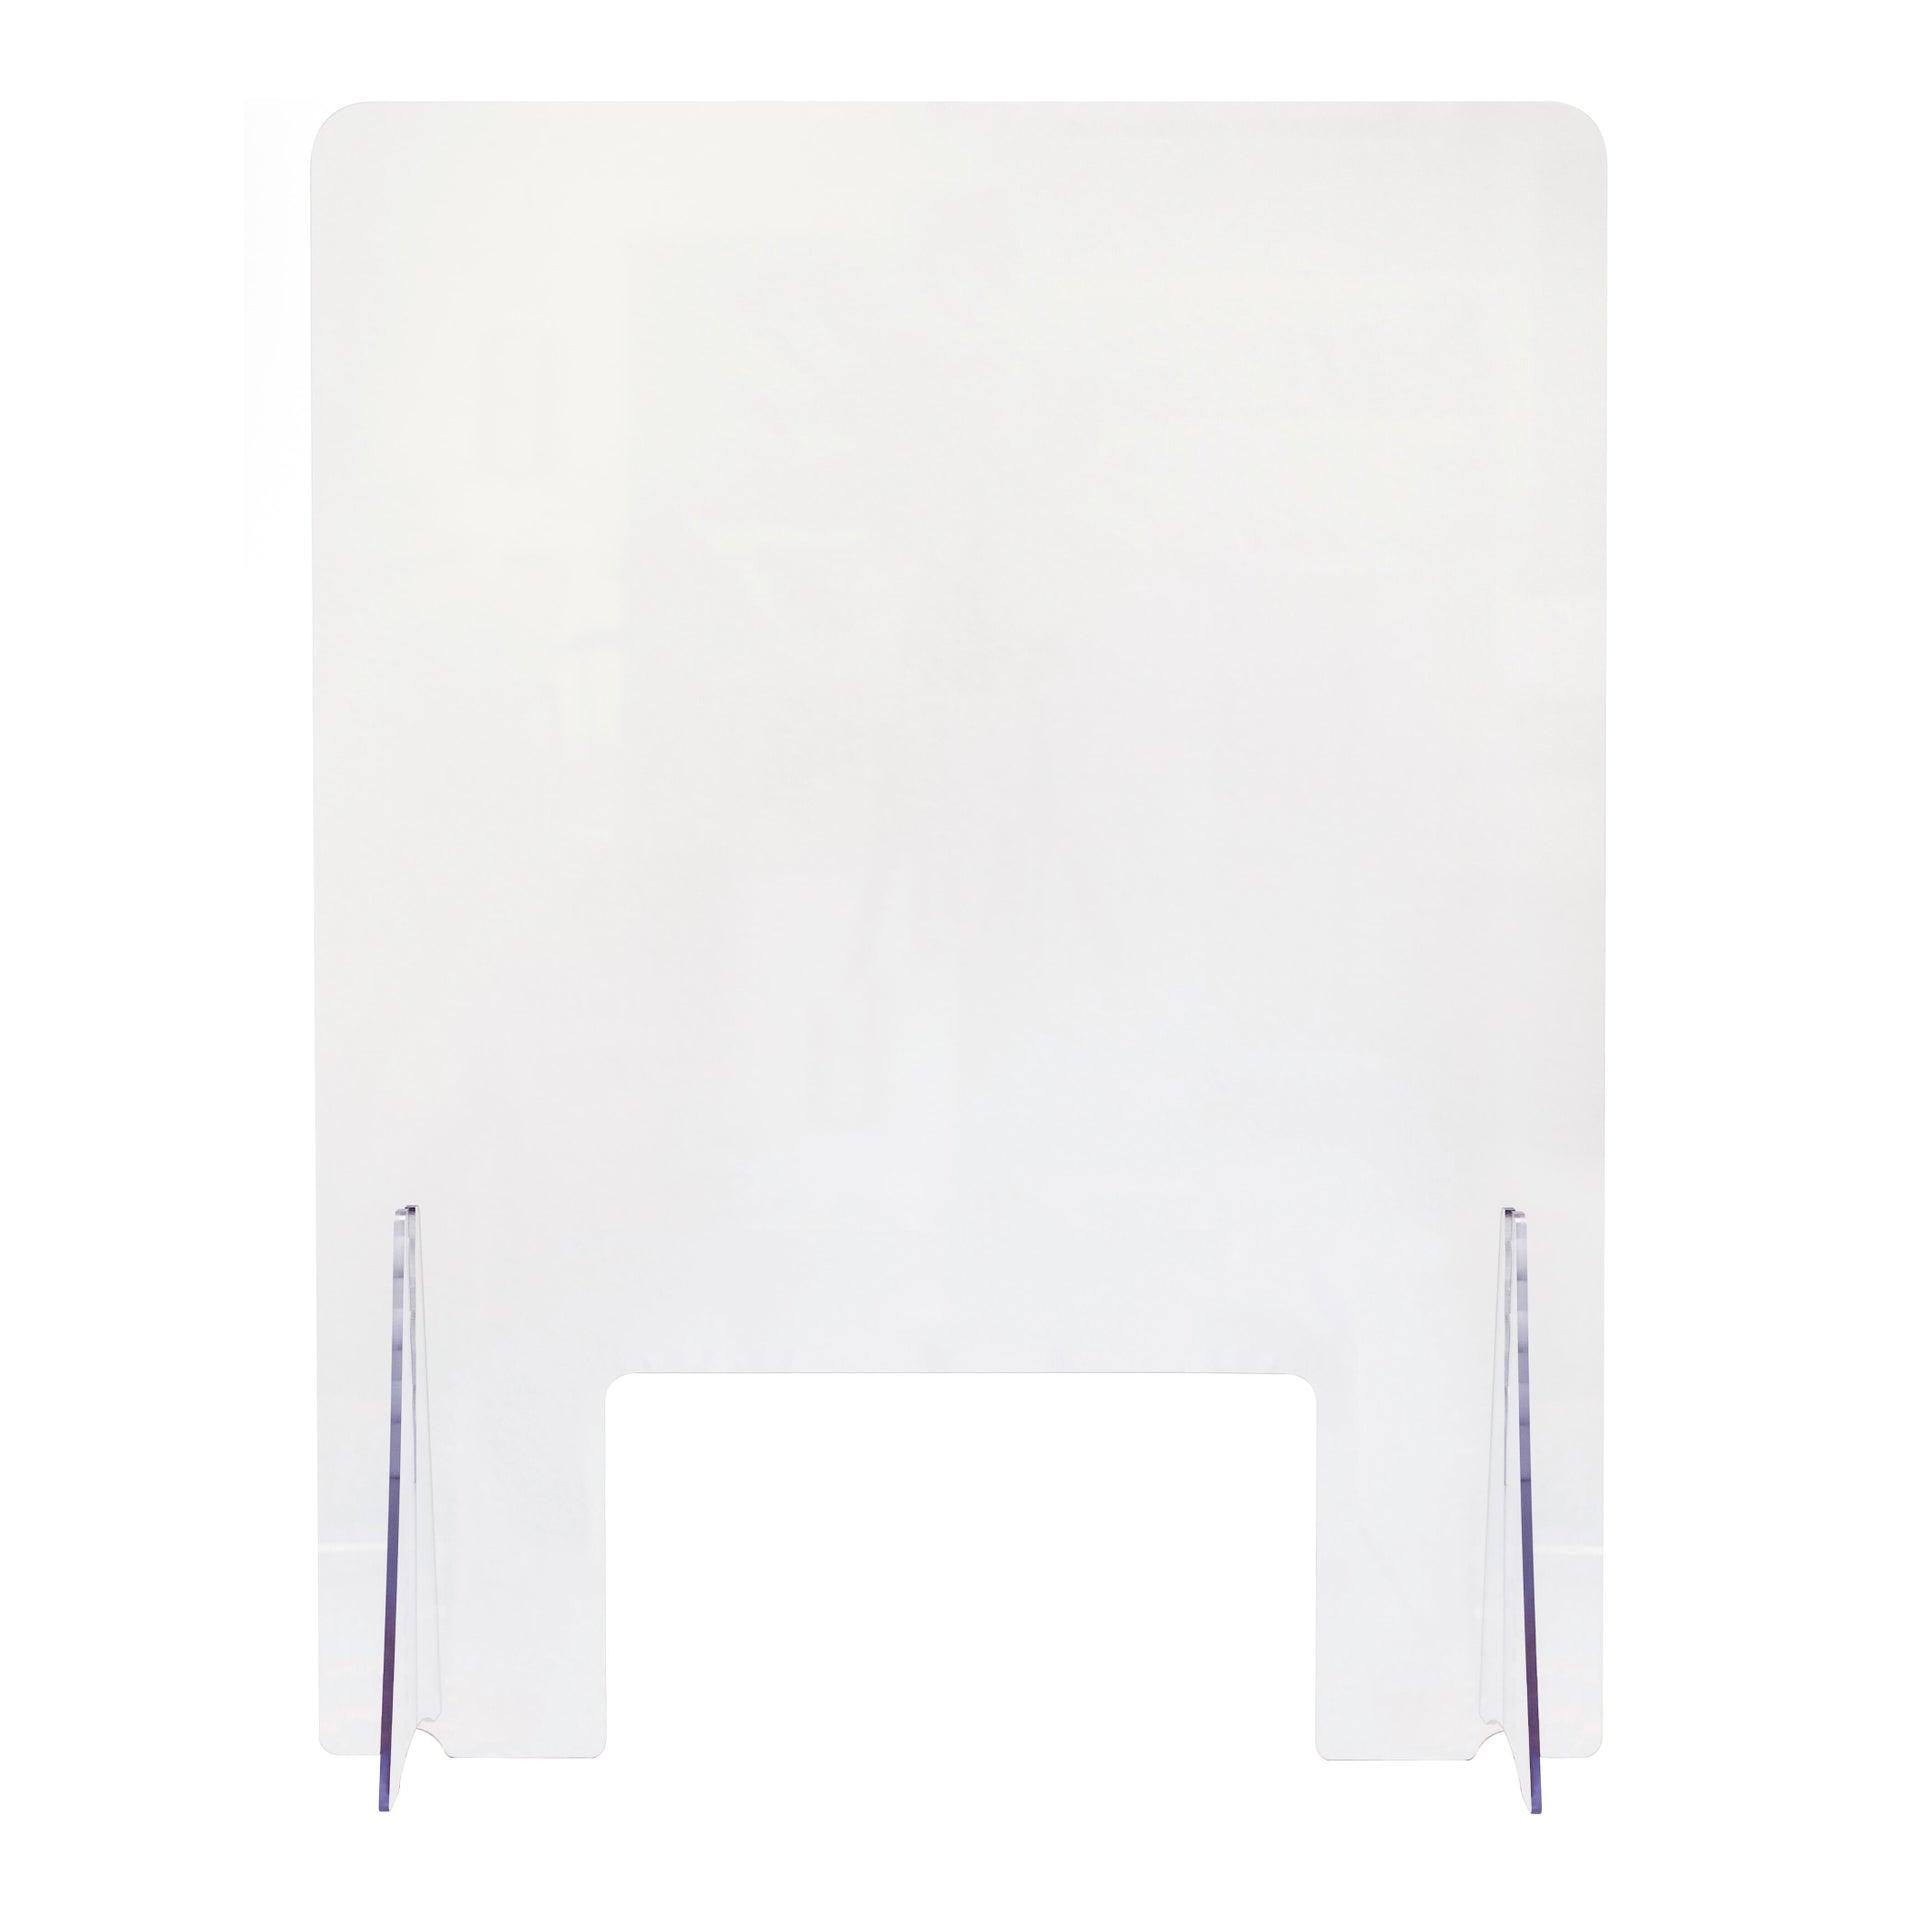 Schermo di protezione acrilico trasparente 80 cm x 80 cm, Sp 0.5 mm - 3